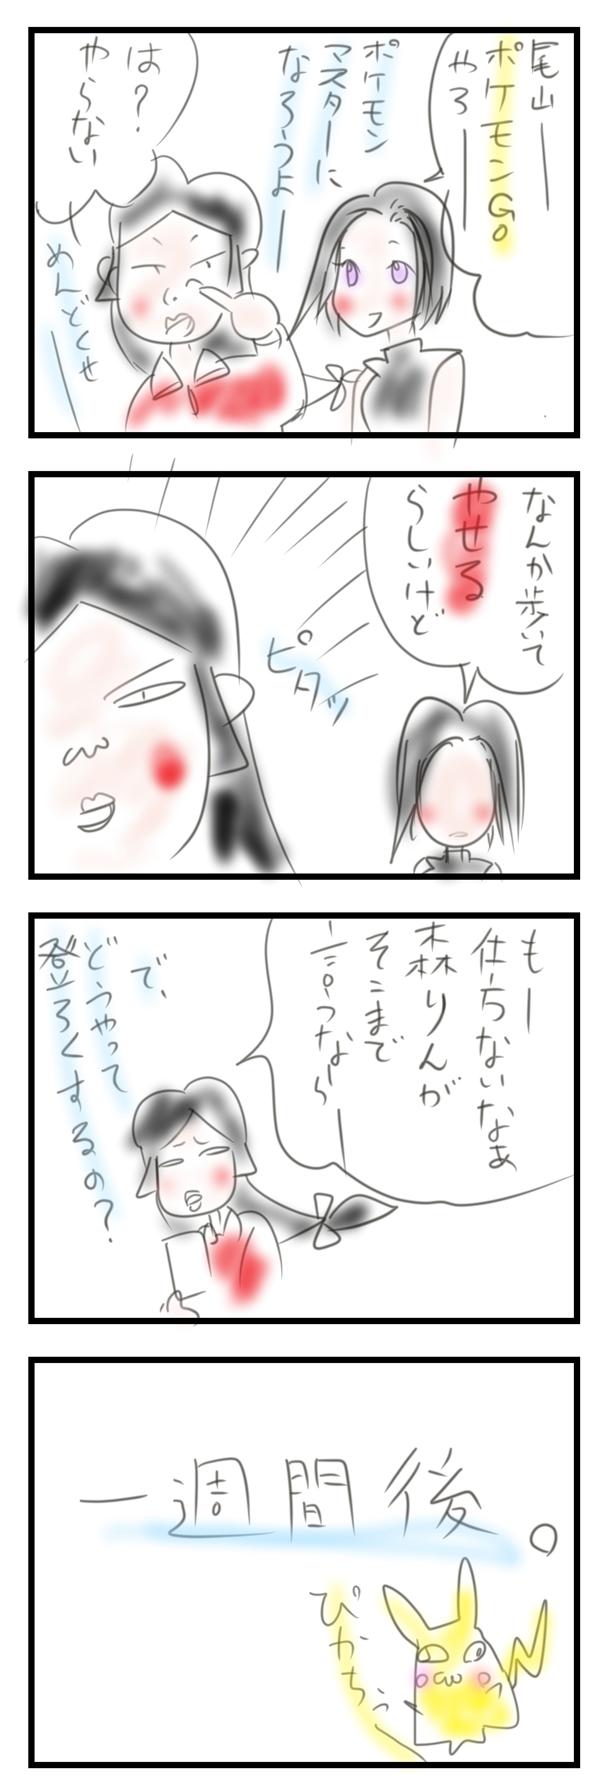 ポケモン漫画1